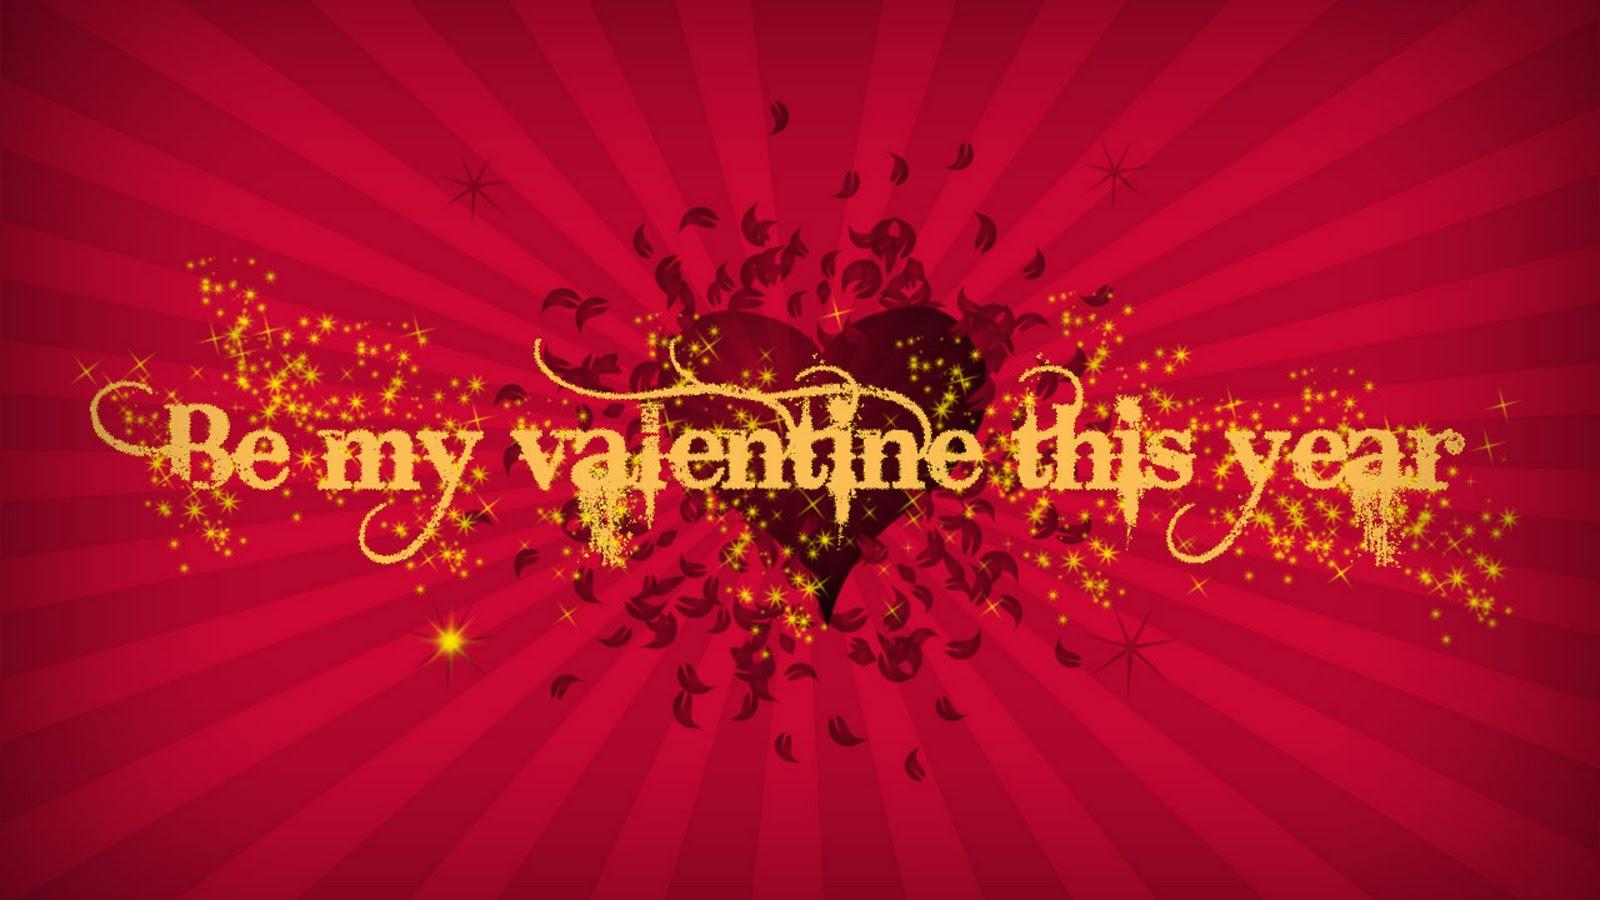 http://4.bp.blogspot.com/-N_n2CZ6hpOs/TymOZxjrALI/AAAAAAAAAeg/s2fJz4nxj6I/s1600/Be-my-valentine-wallpaper-1920x1080.jpg